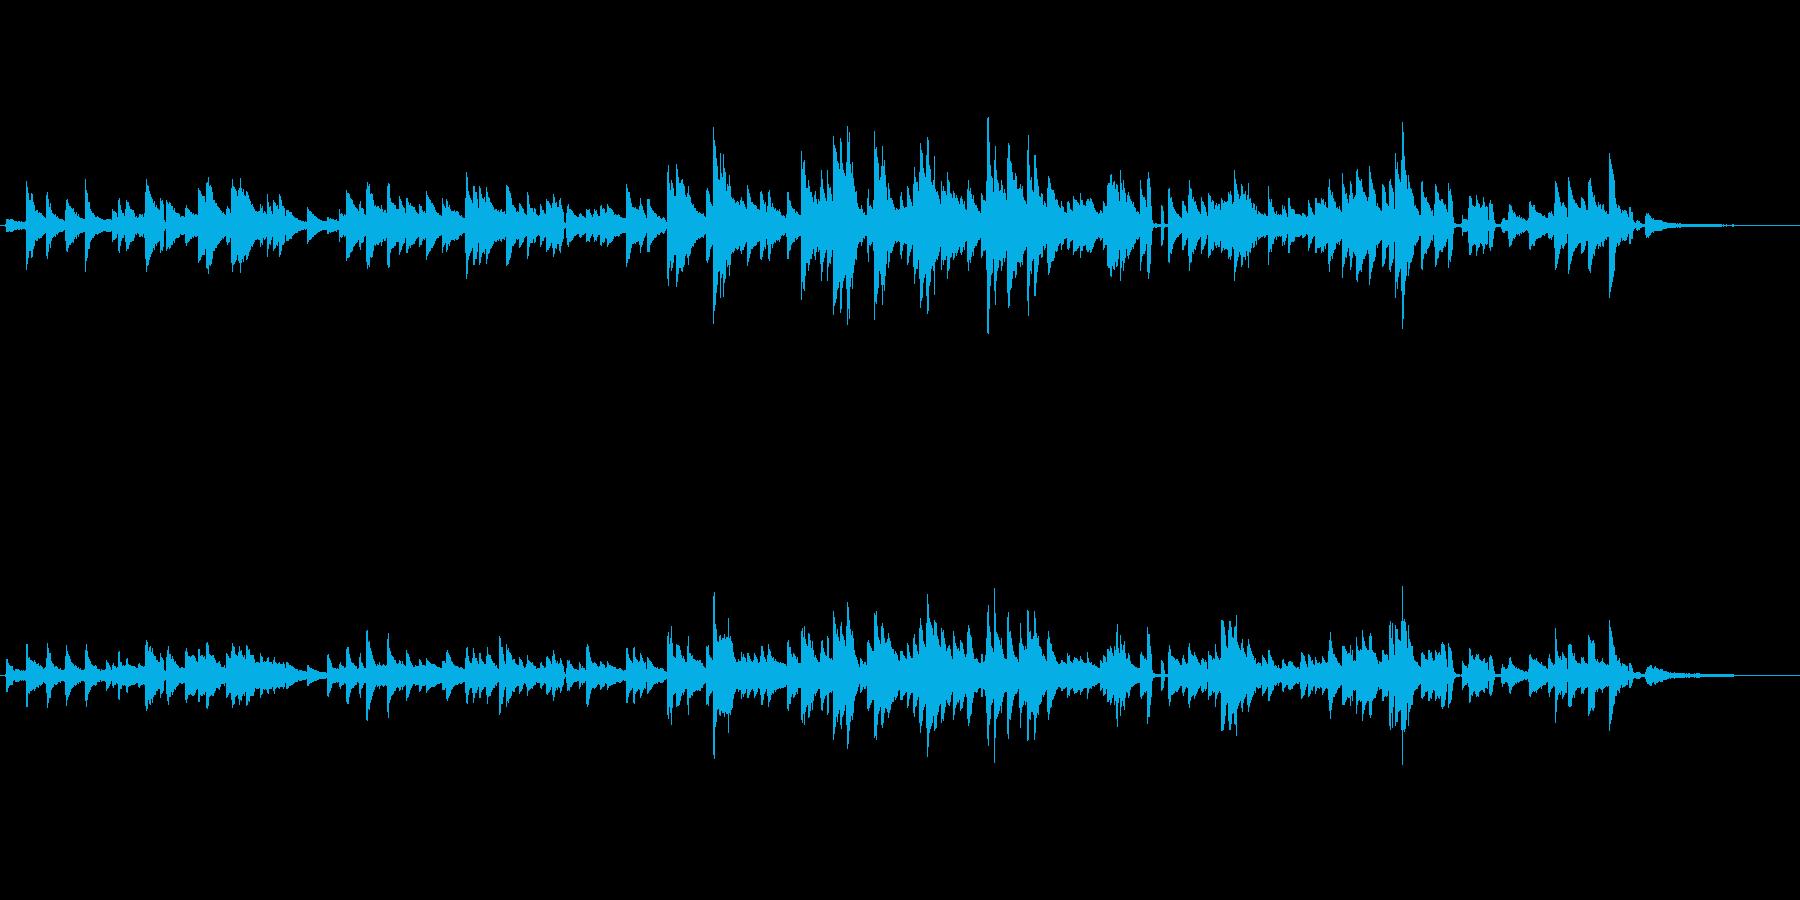 生ピアノソロ・ブルースっぽいジャズピアノの再生済みの波形